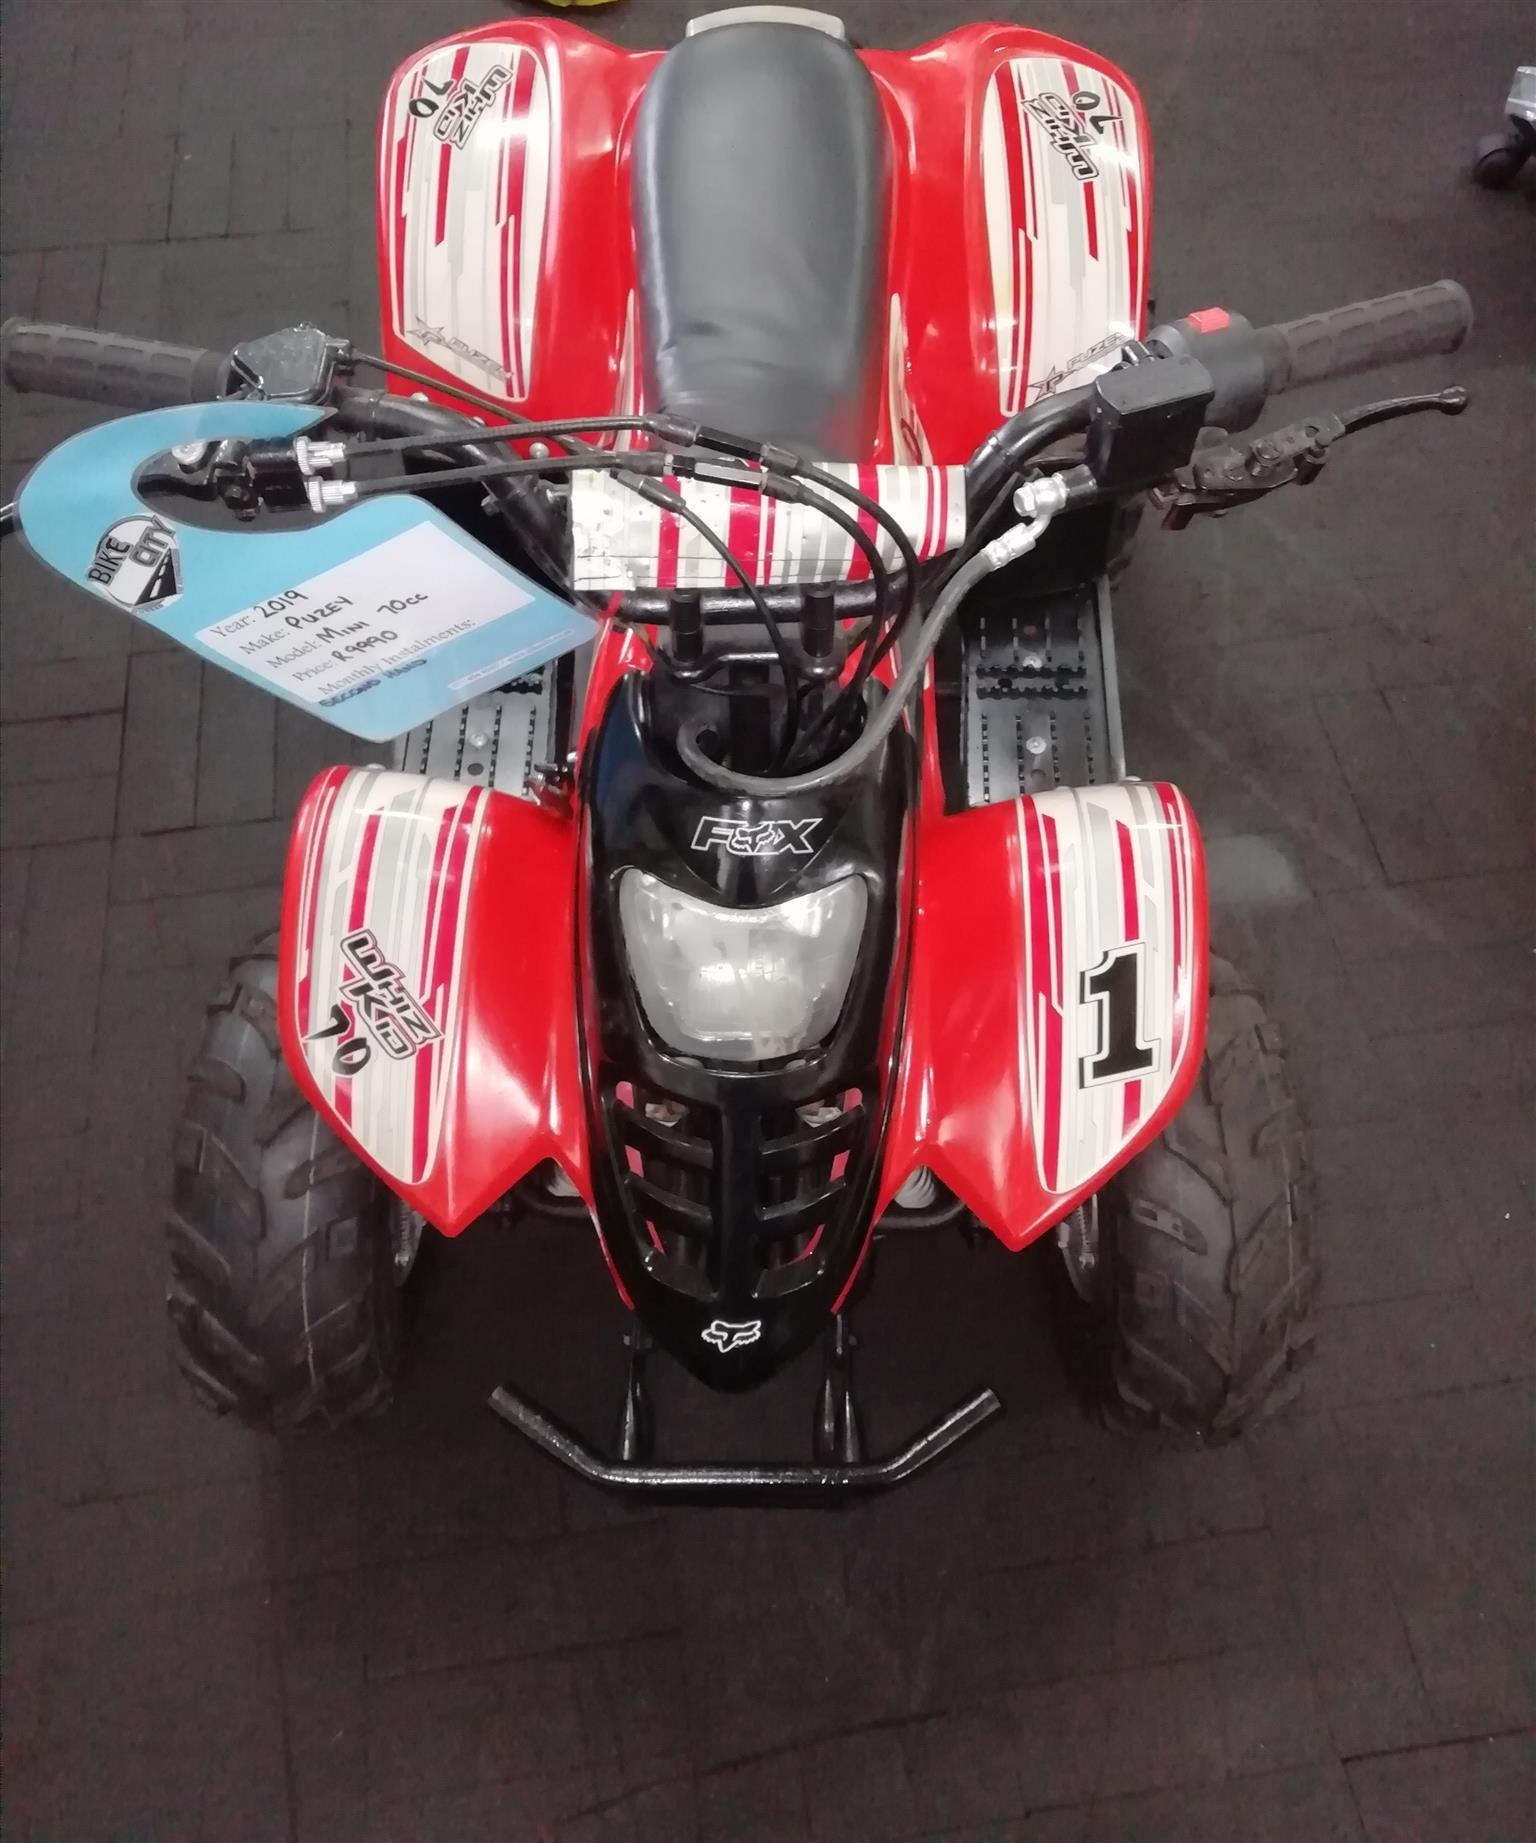 whiz kid 70cc quad bike